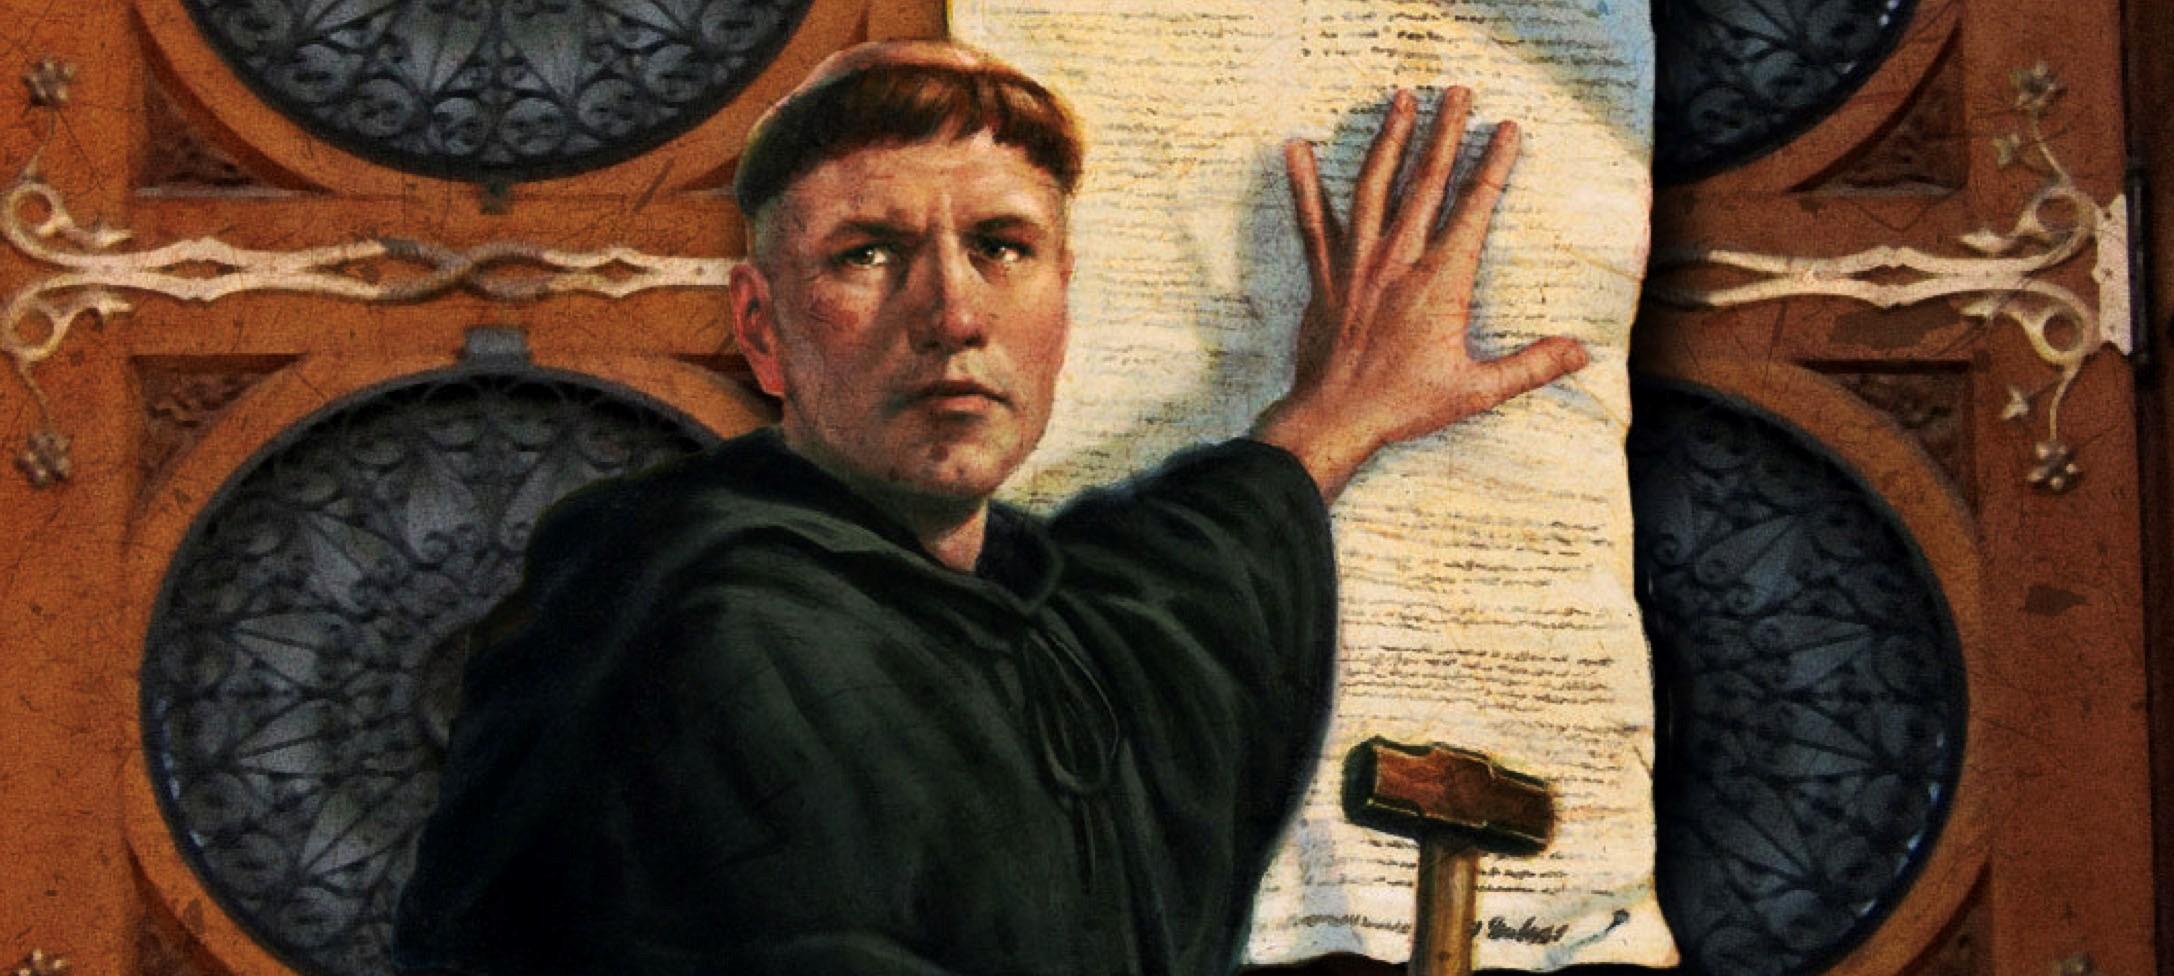 il dipinto a colori mostra Martin Lutero che affigge le sue 95 tesi sul portone della chiesa di Ognissanti nel castello di Wittenberg. Sulla mano sinistra regge un foglio di carta, sull'altra un martello.